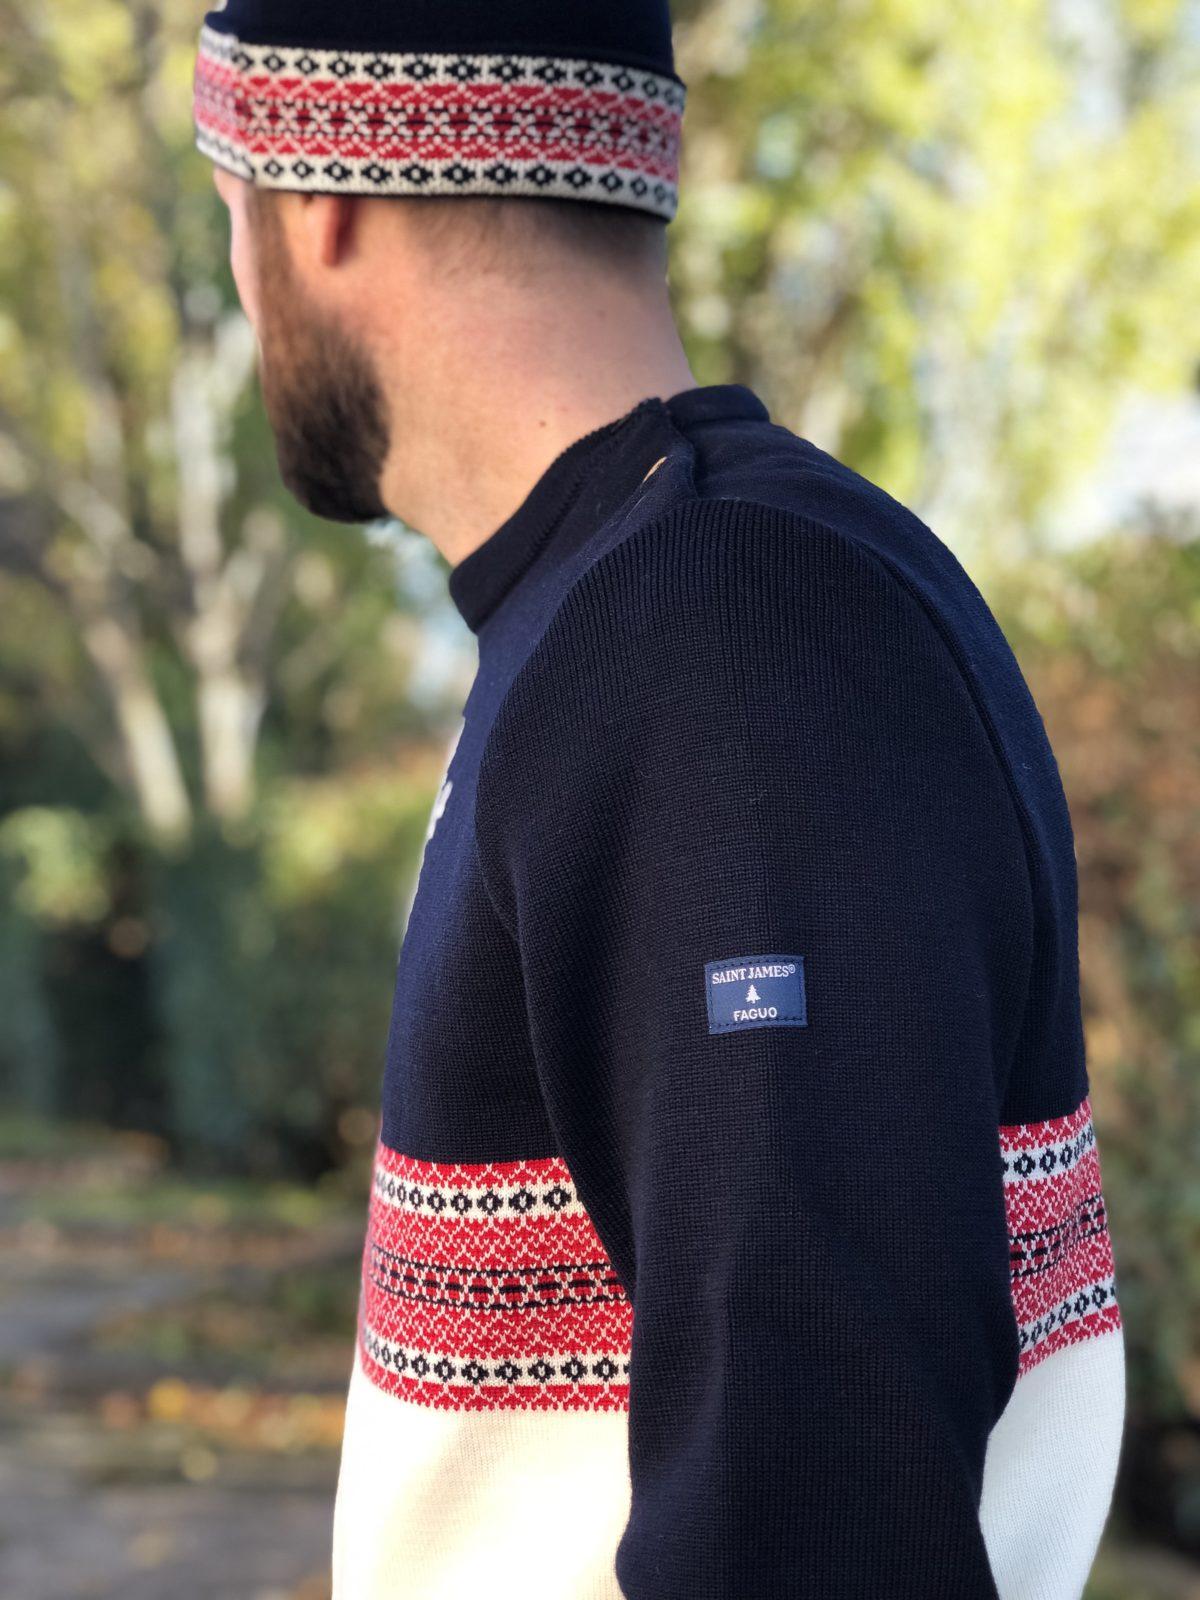 6140559b0d Ps : Sachez que le bonnet à pompon et le pull marin sont unisexes et  tricotés en laine peignée, labellisée woolmark, selon une méthode  traditionnelle de ...